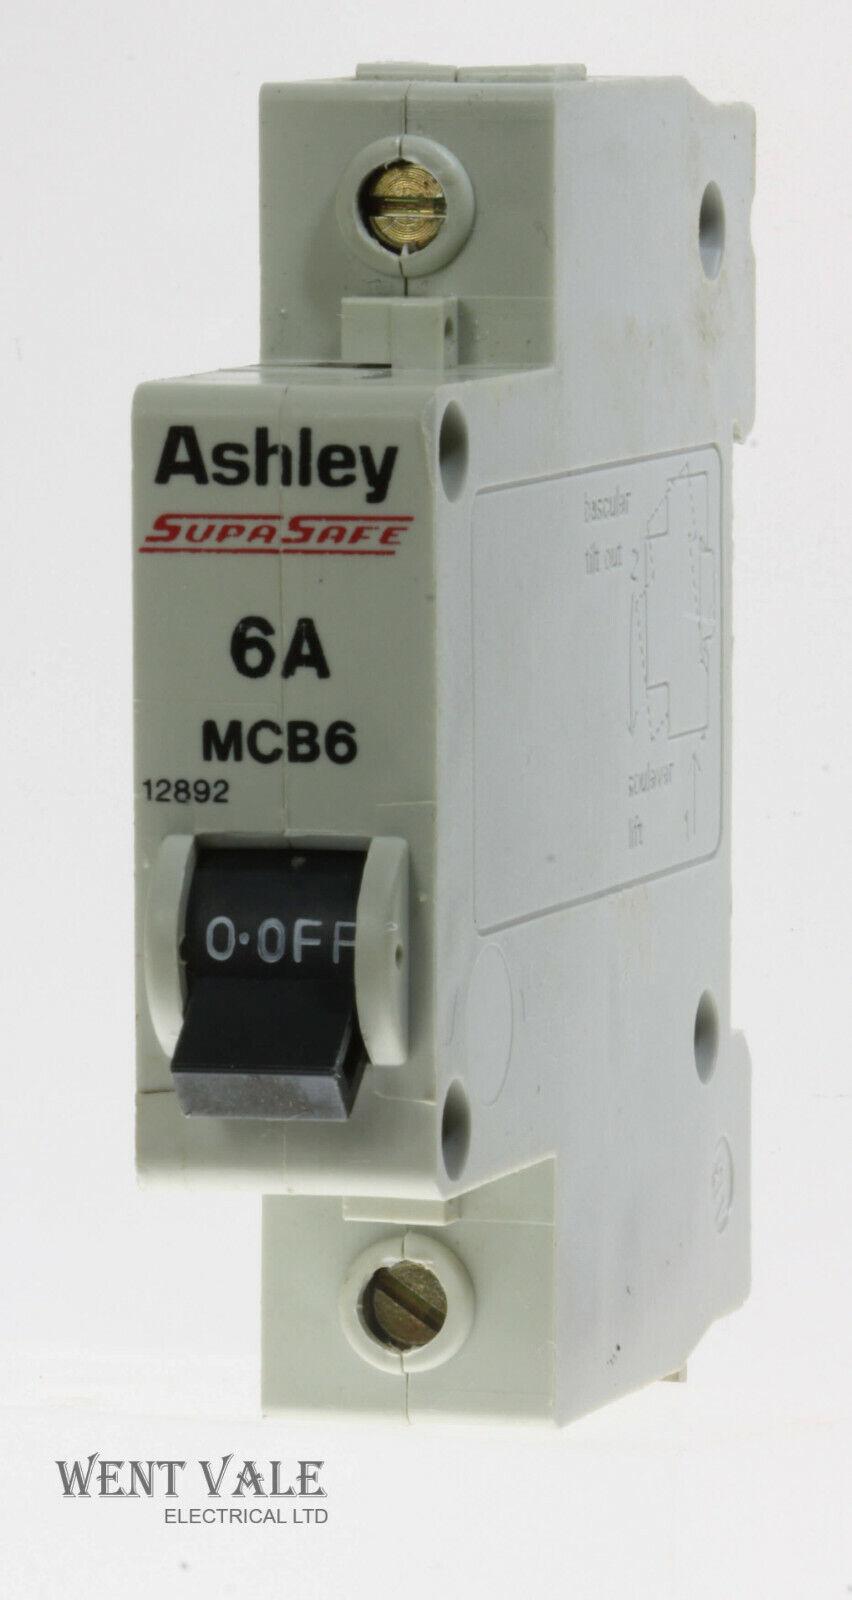 Ashley SupaSafe - MCB6/12892 - 6a Type 1 Single Pole MCB Used